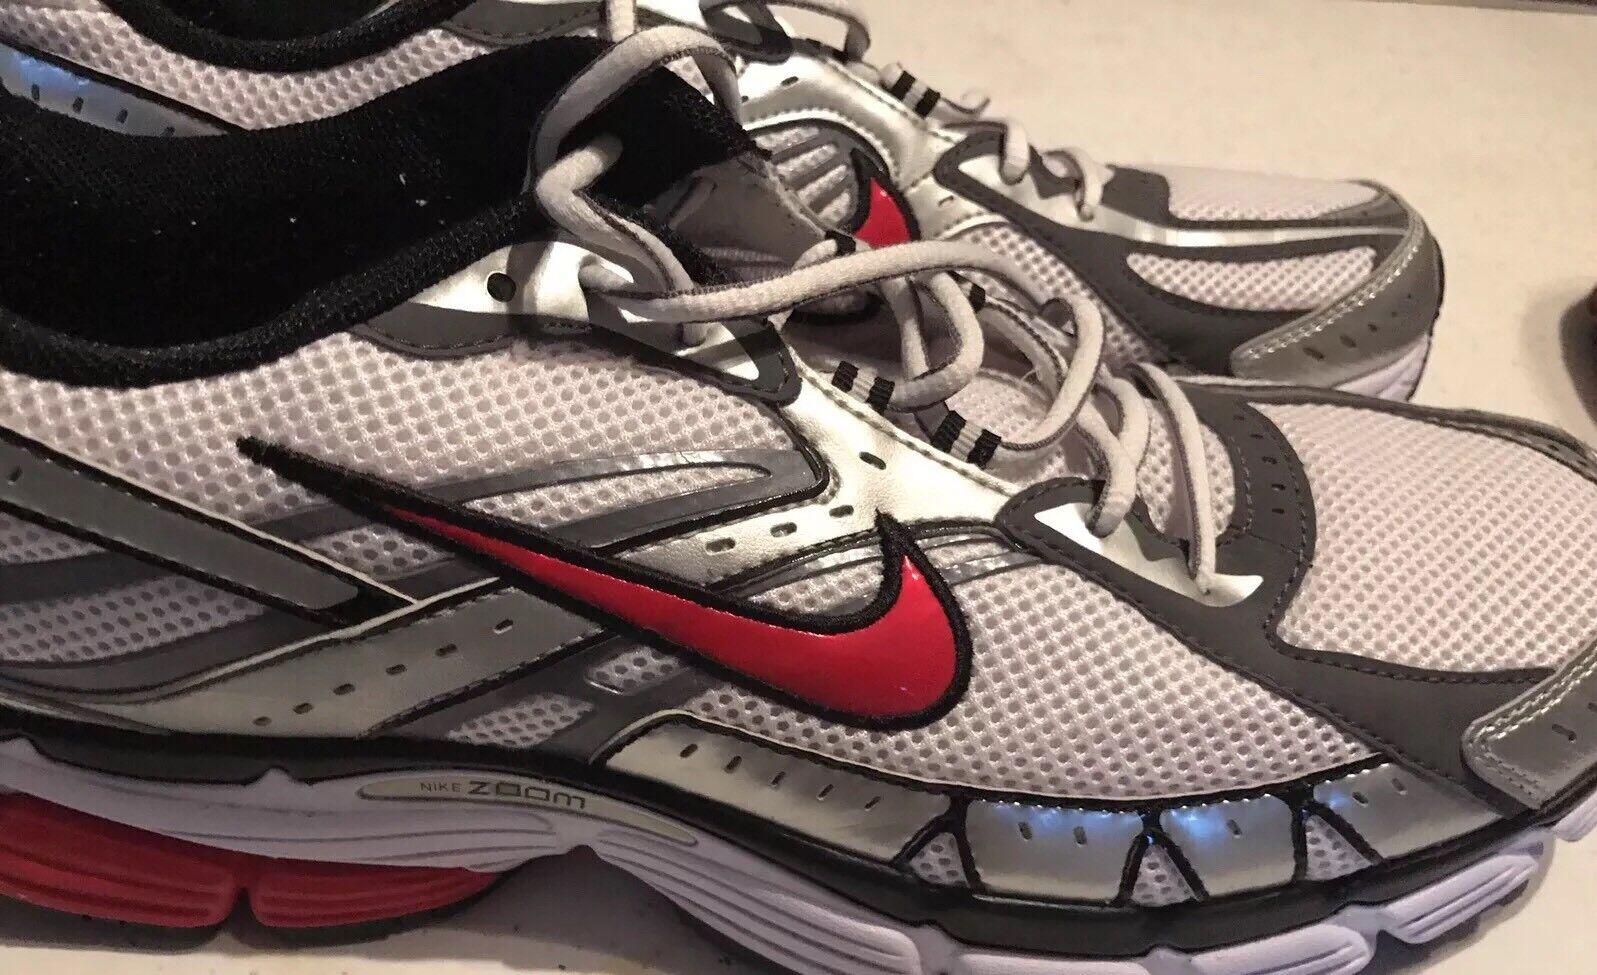 Impresionante de par de Hombres Zapatillas Nike!Reducción de Impresionante precios 4f73cf